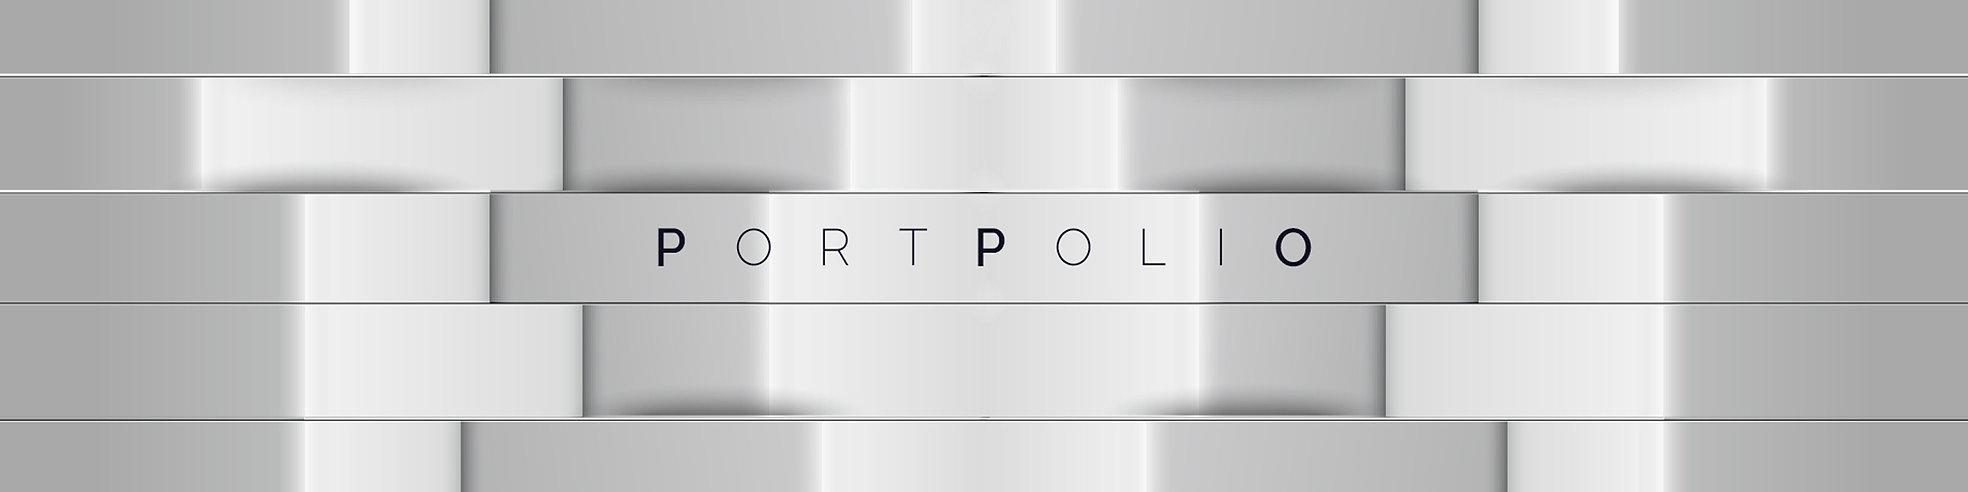 포트폴리오.jpg